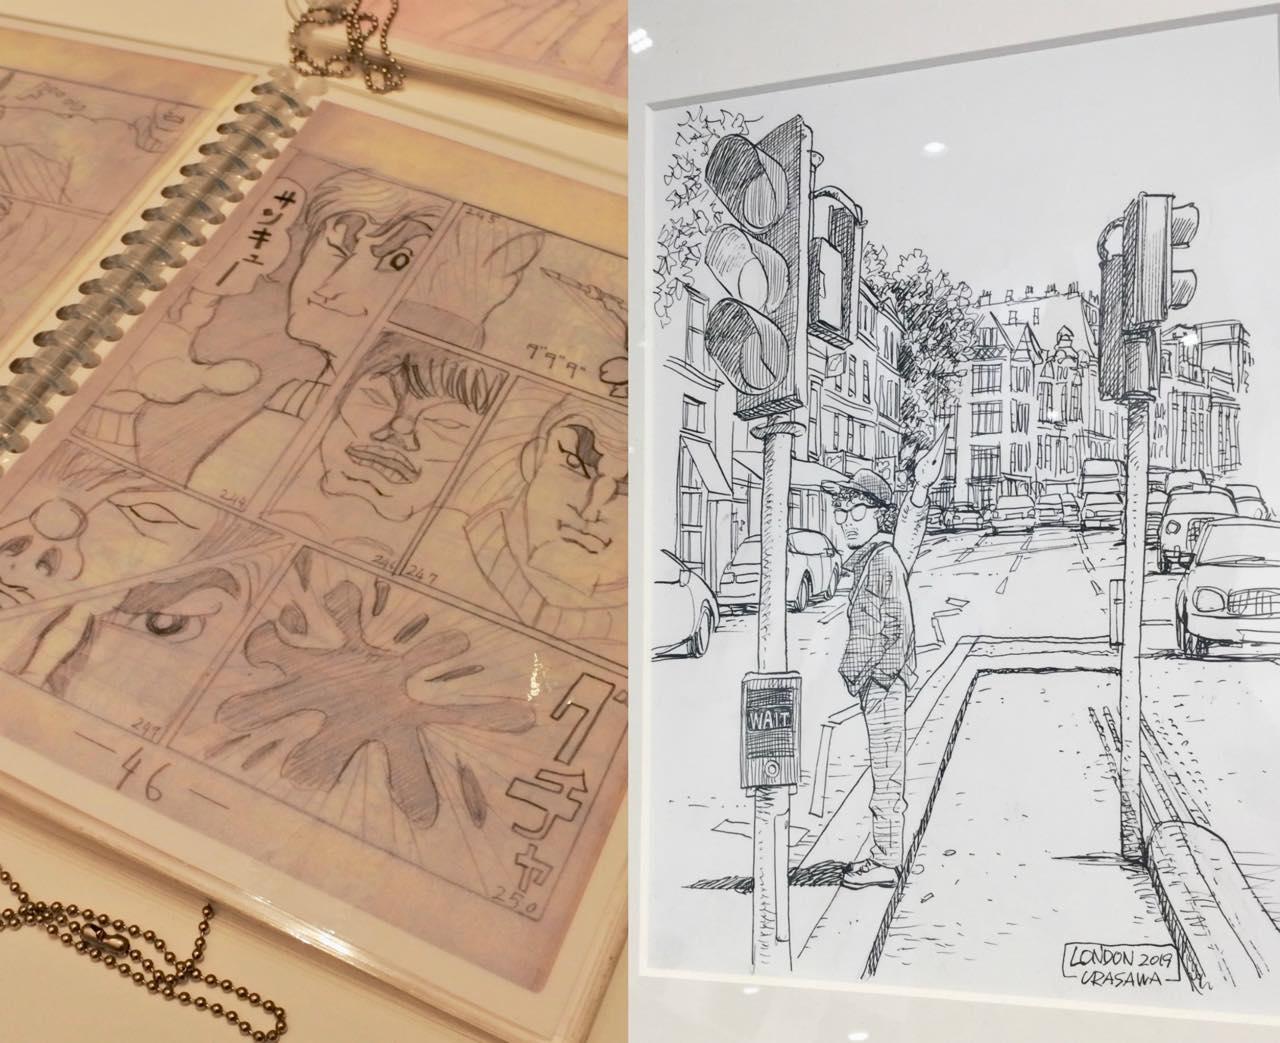 左は浦沢さんが小学校に上がる前に描いていた漫画(驚)。右はロンドンに来られたことを記念して40分くらいで描かれたというイラスト(凄)。